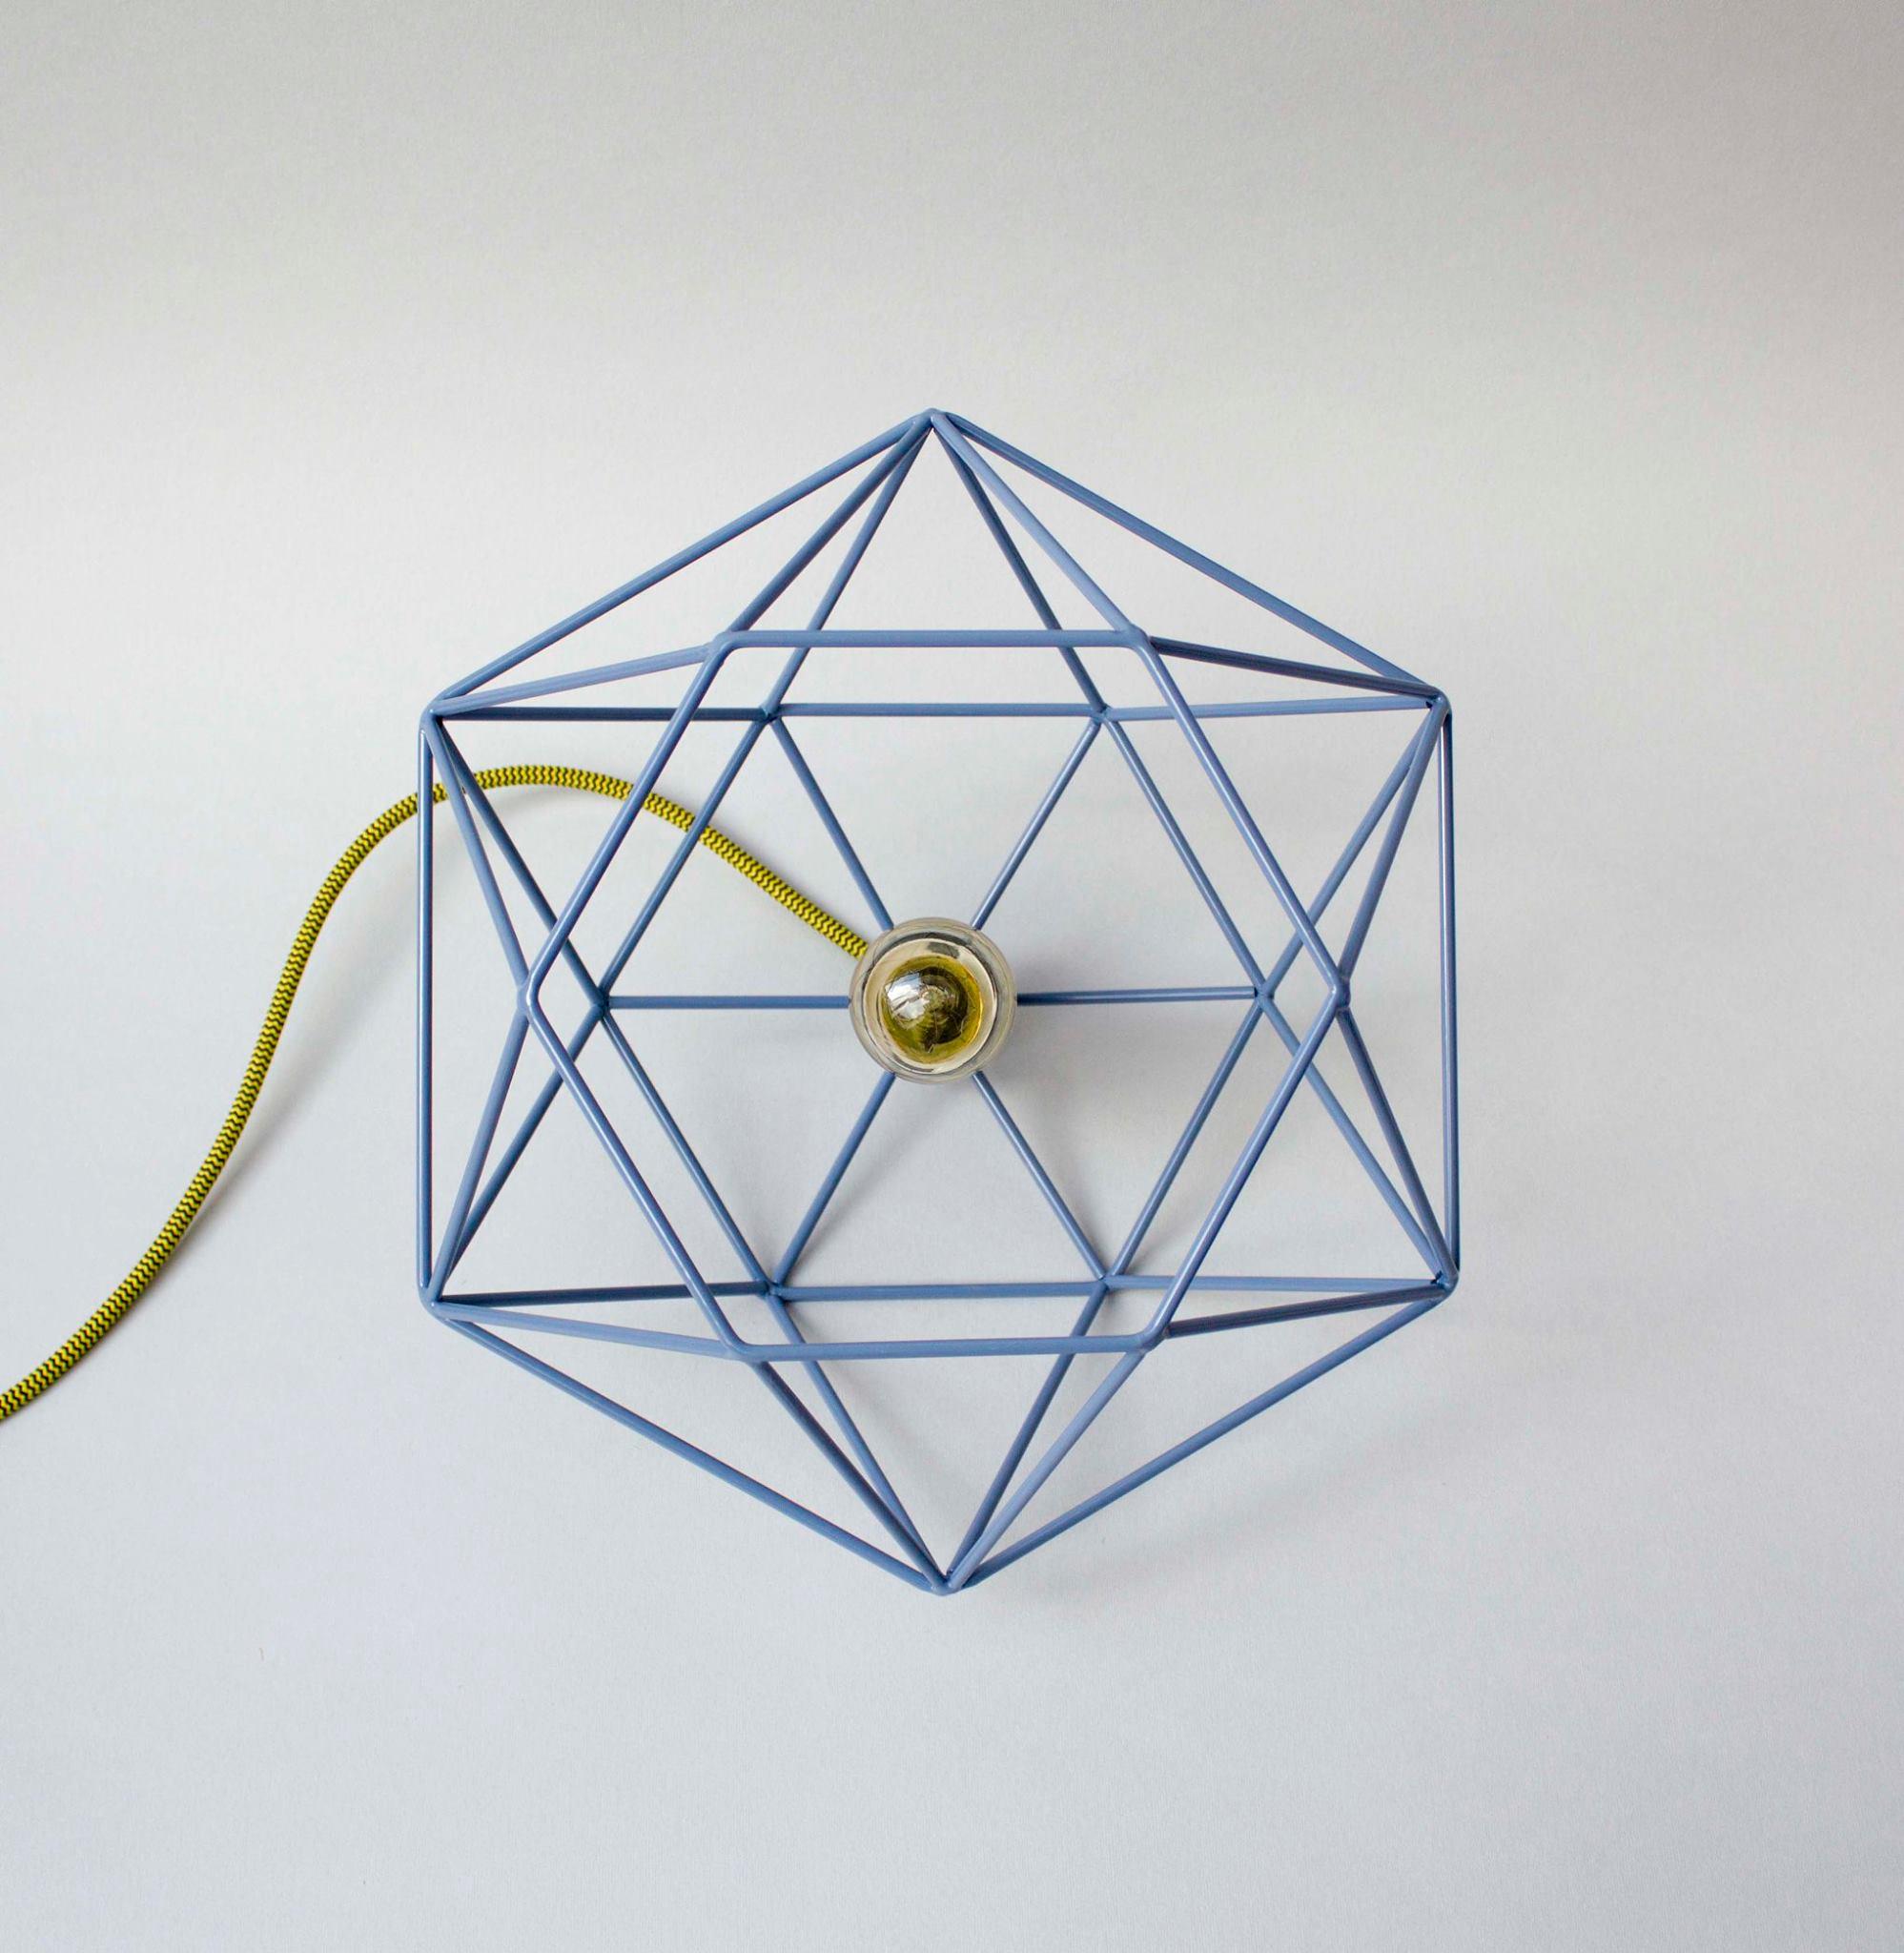 hexal design5